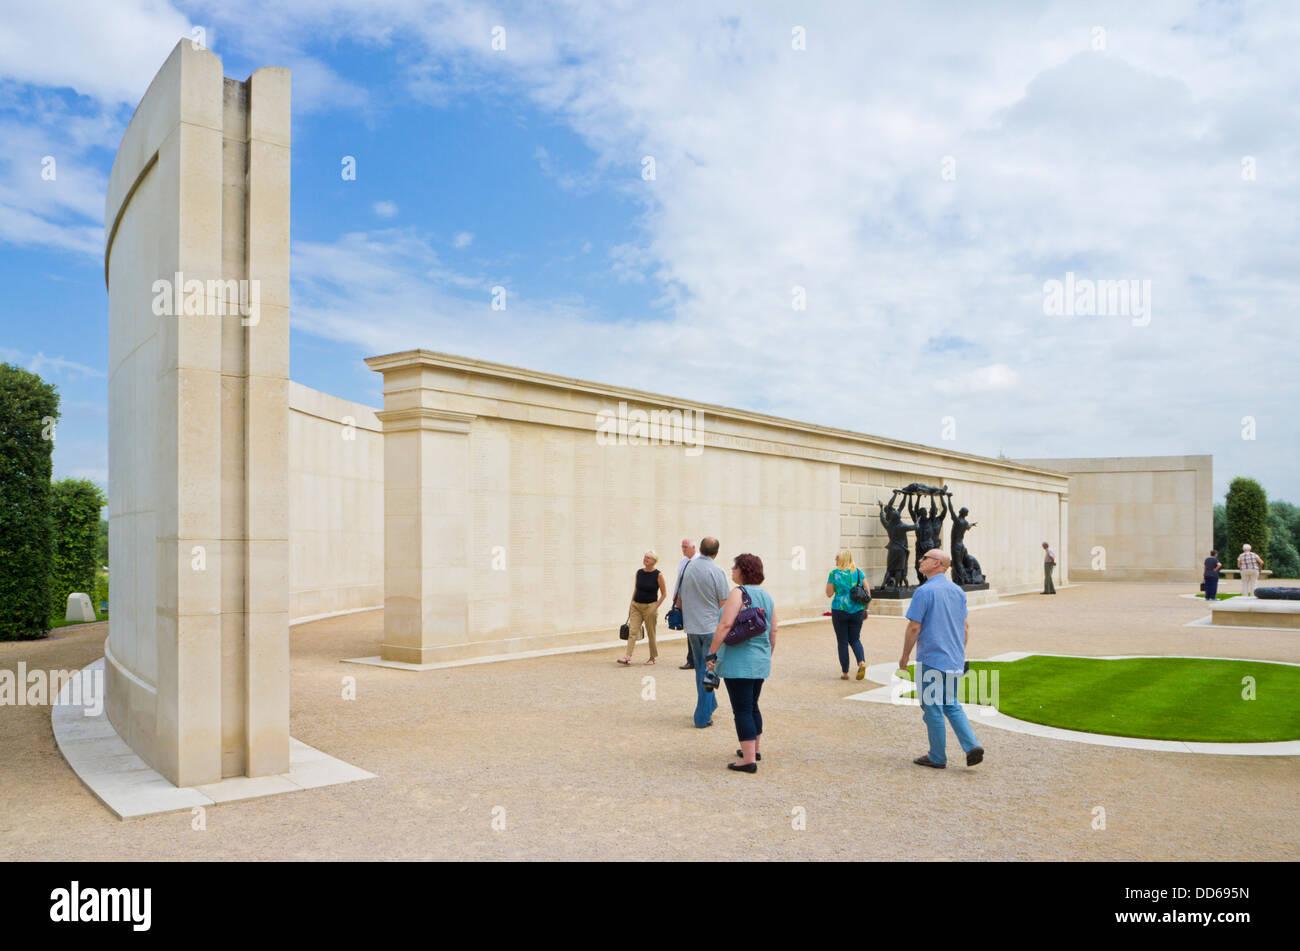 The National Memorial Arboretum Armed Forces memorial Alrewas Staffordshire England UK GB EU Europe - Stock Image